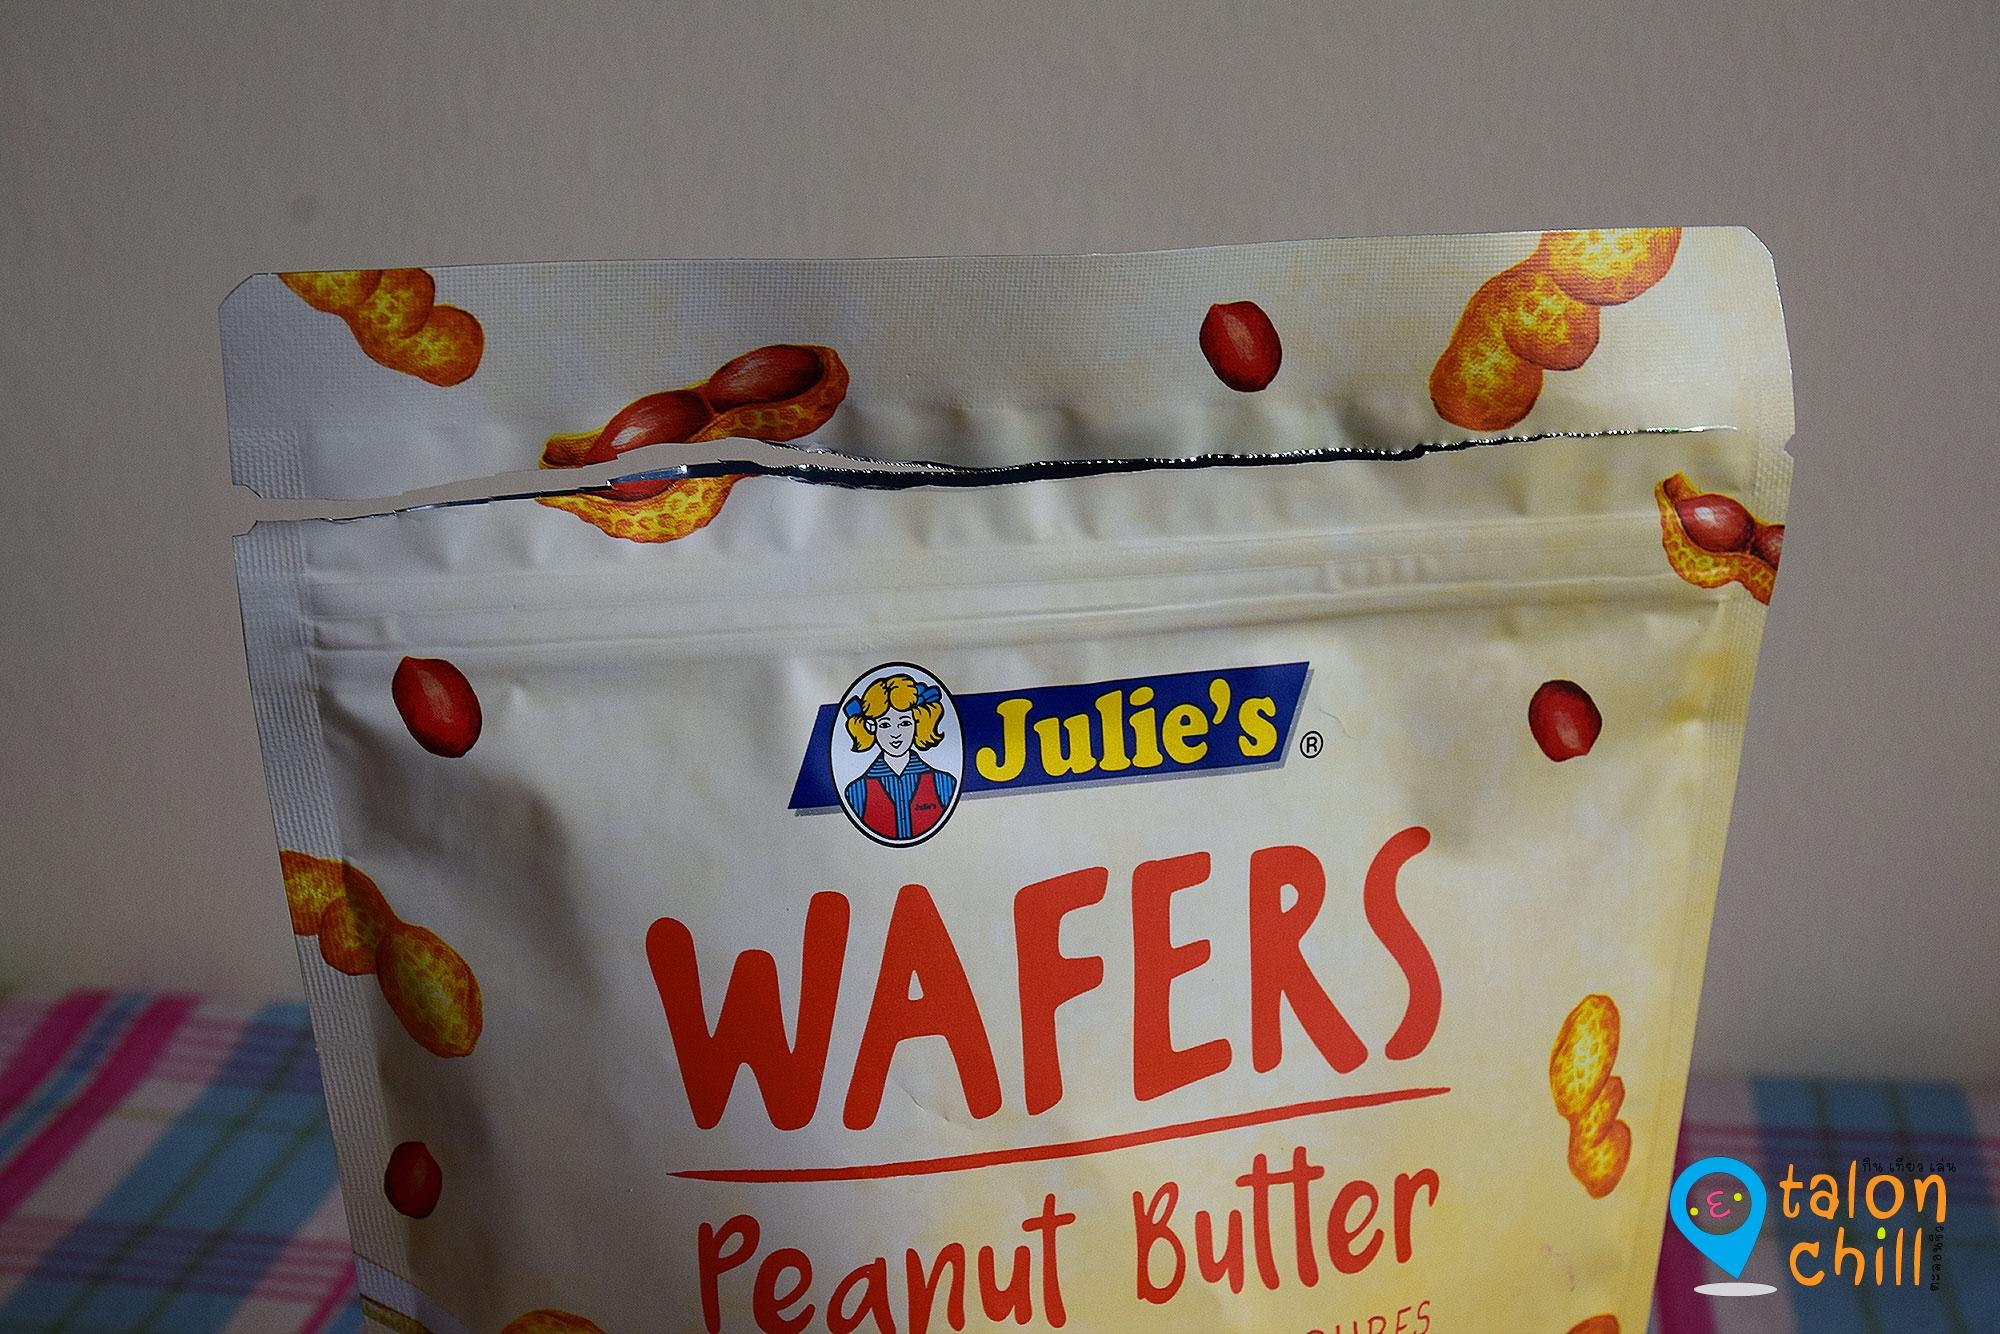 [รีวิว] Julie's Wafers Peanut Butter Cream เวเฟอร์ พีนัท บัตเตอร์ ครีม (ตรา จูลี่ส์)